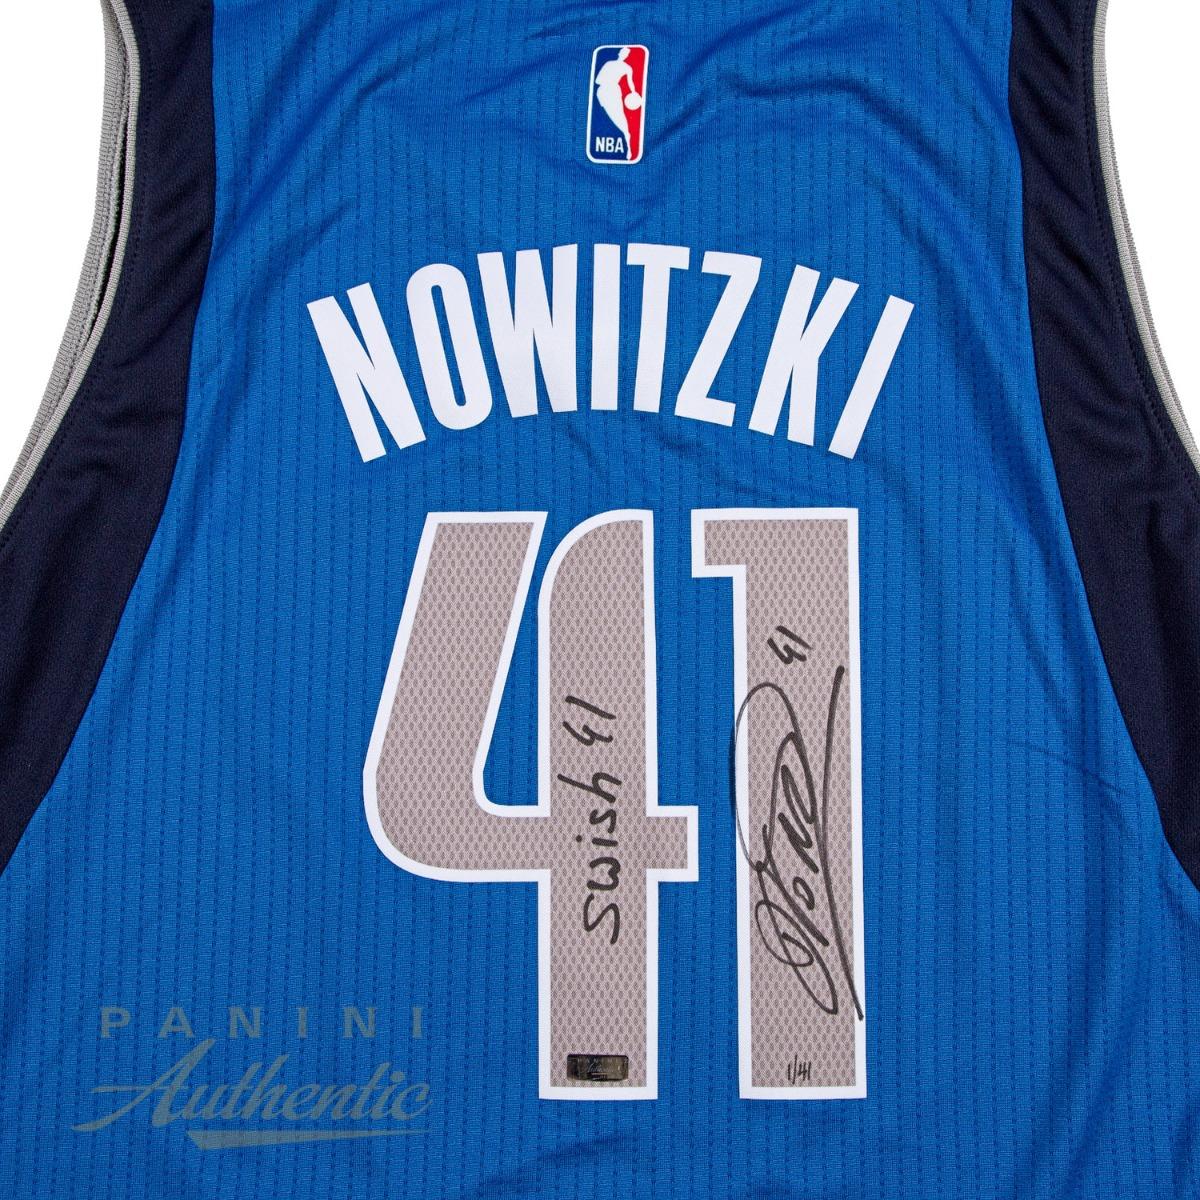 wholesale dealer 864d8 f85e8 Dirk Nowitzki Autographed Royal Blue Dallas Mavericks Adidas ...